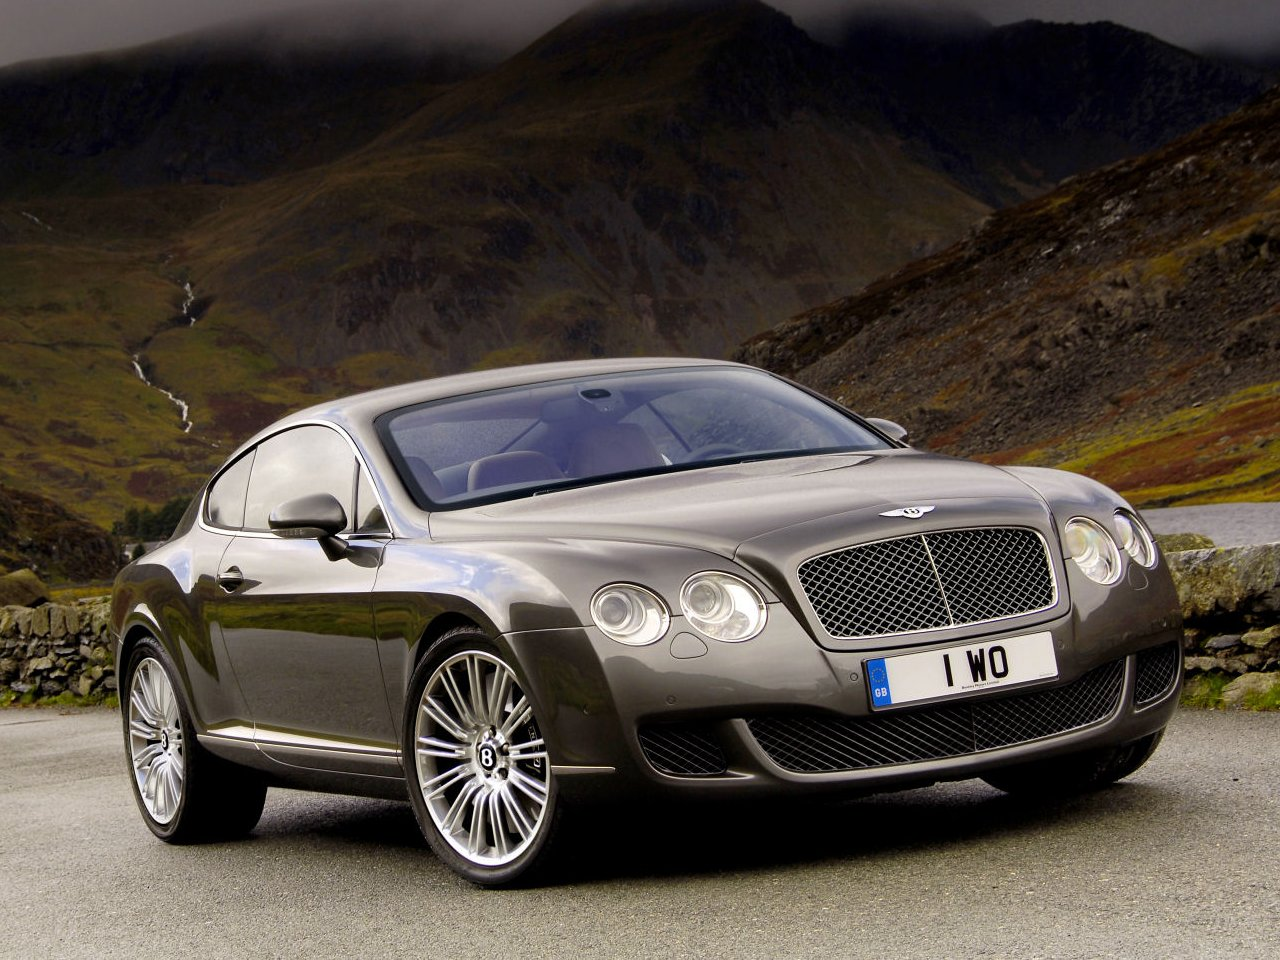 Bentley image Wallpaper